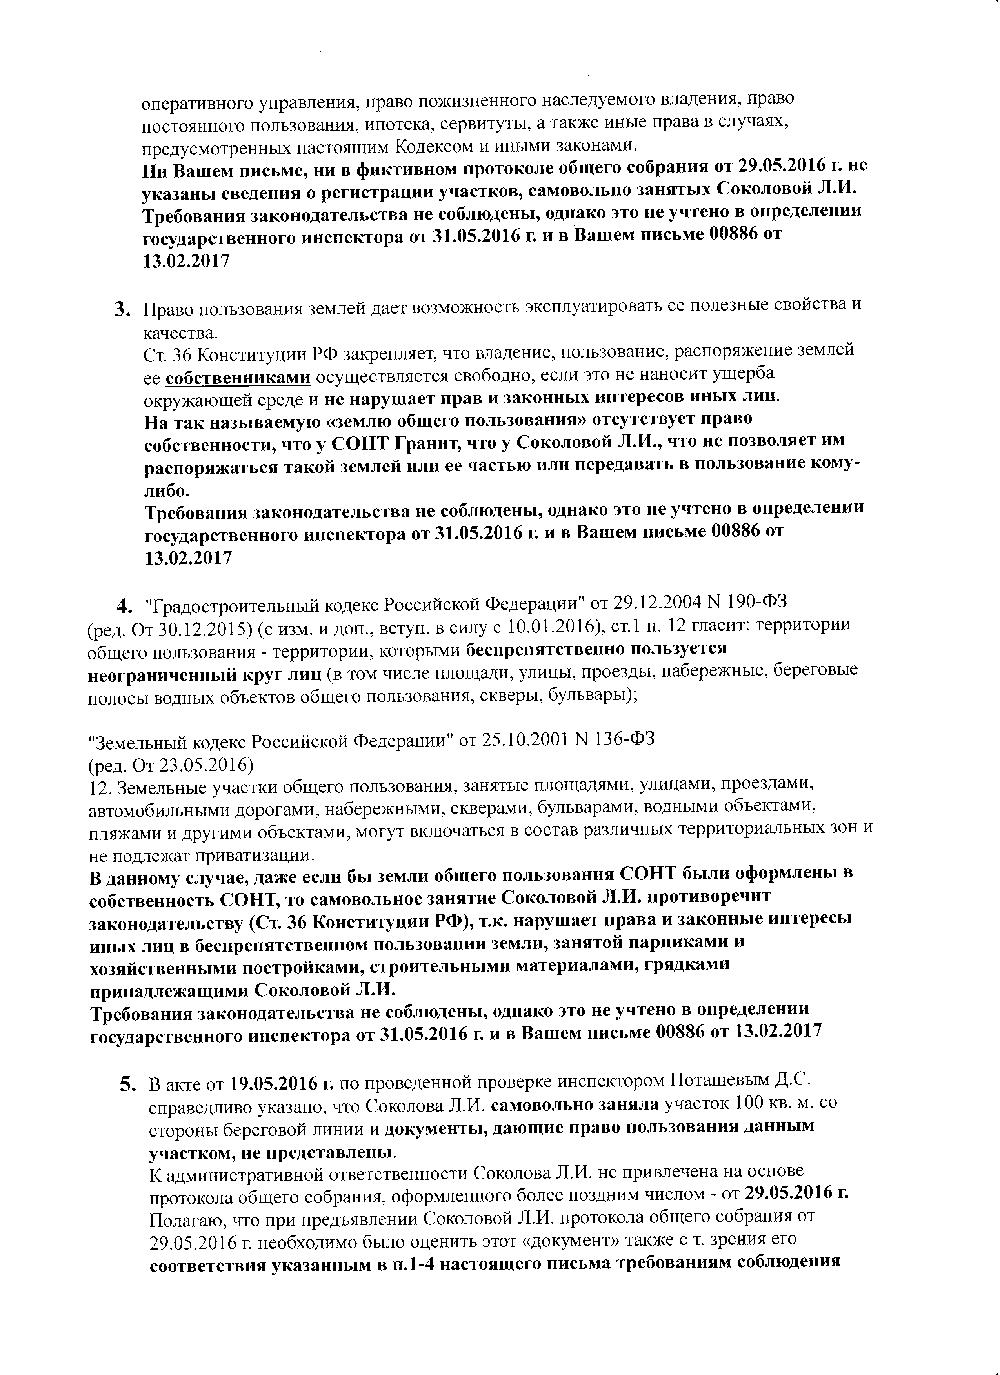 https://sontgranit.ru/forum/img/sokol/20170306-росреестр-поляковой-2.png